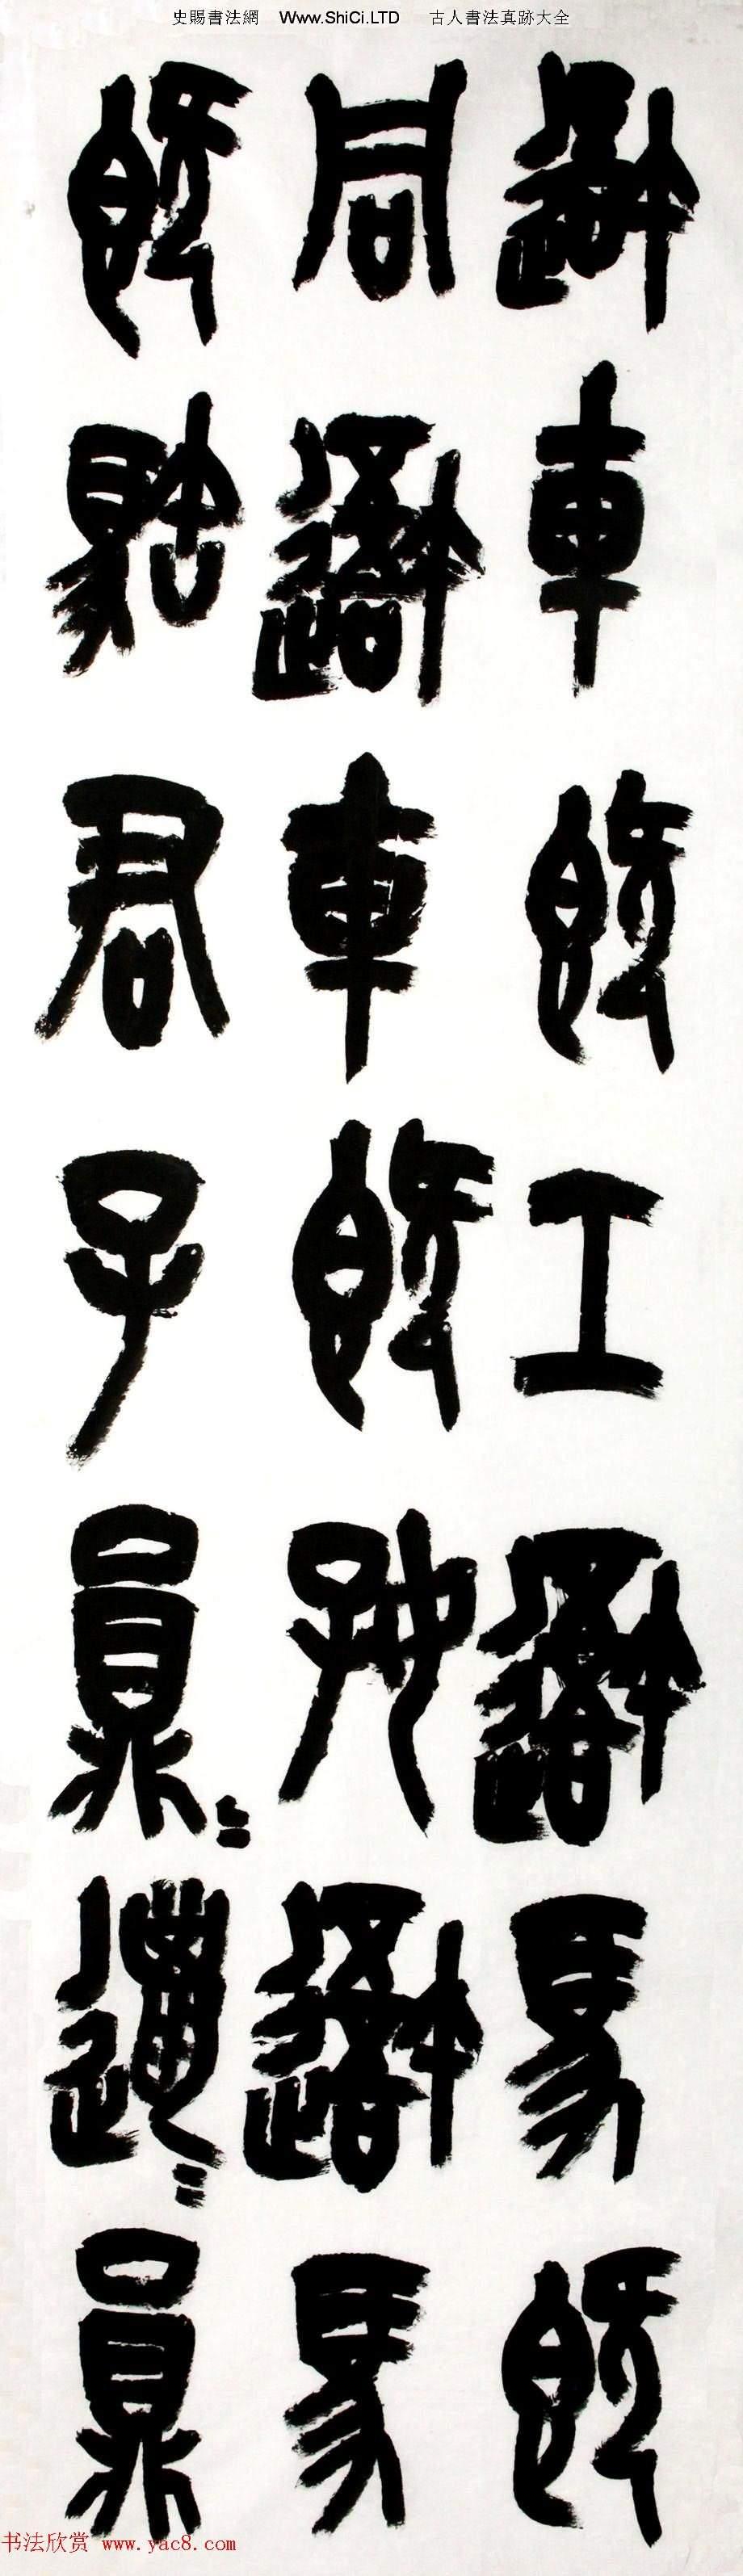 中書協篆書委員王友誼意臨石鼓文八屏(共8張圖片)